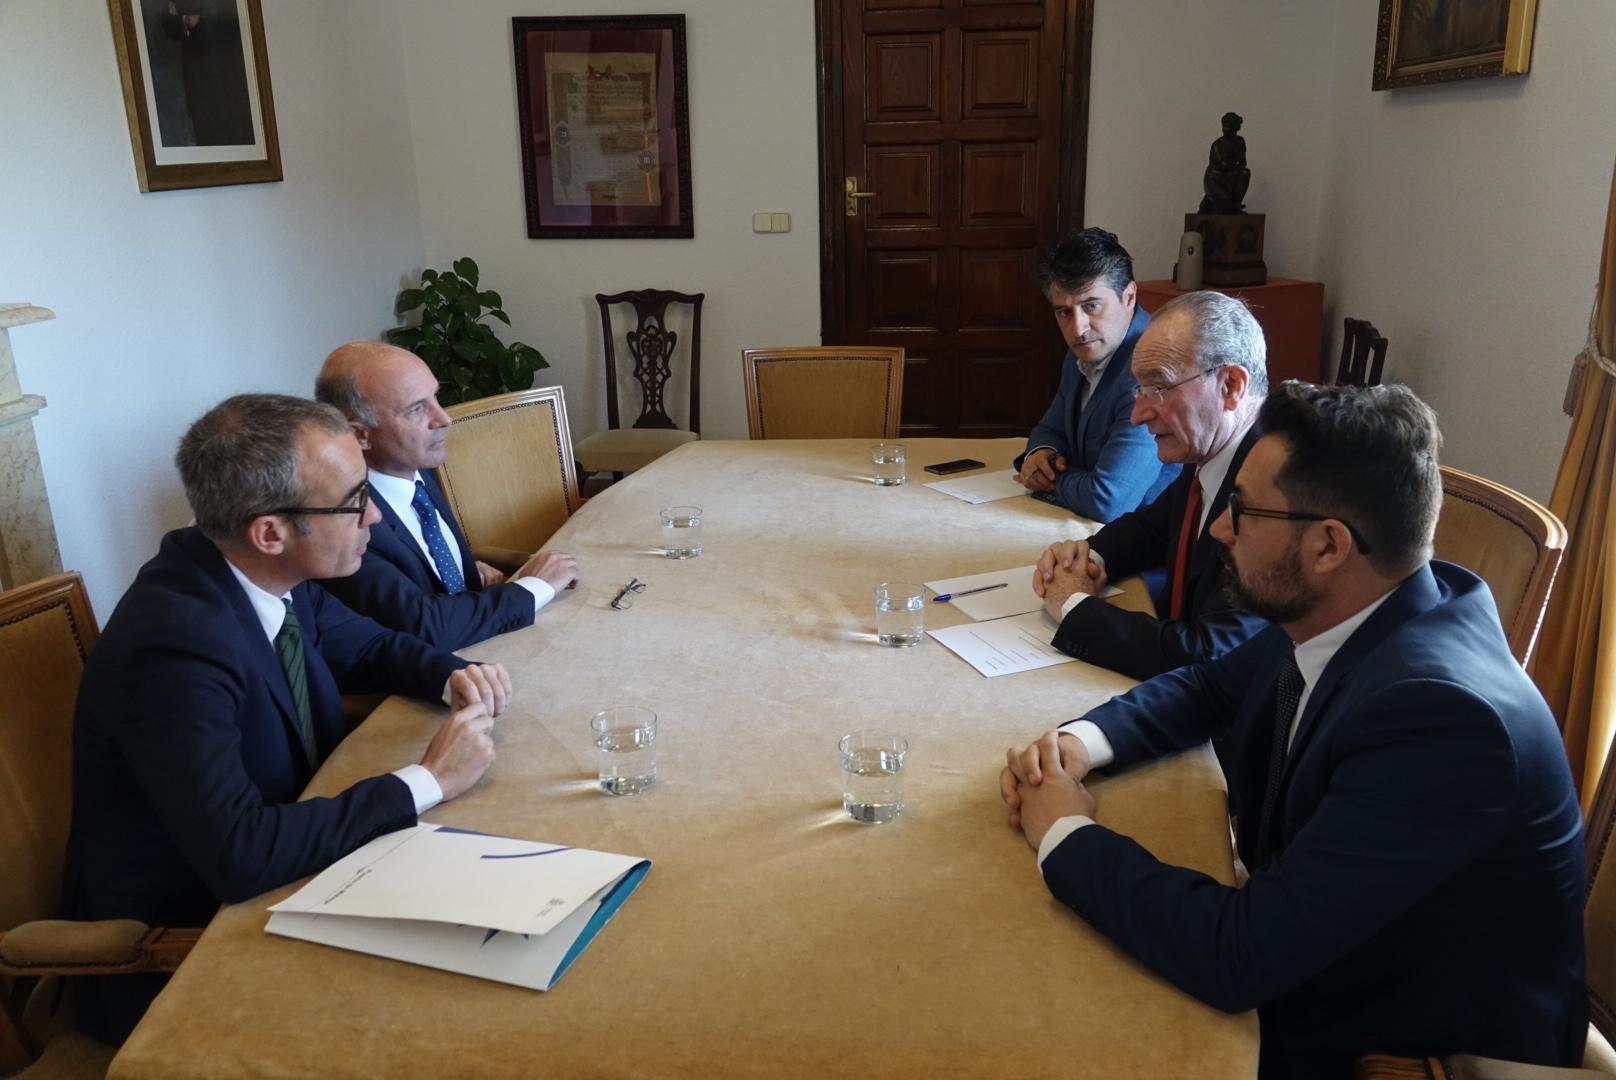 El presidente de la Autoridad Portuaria, Carlos Rubio se reúne con el Alcalde de Málaga, Francisco de la Torre